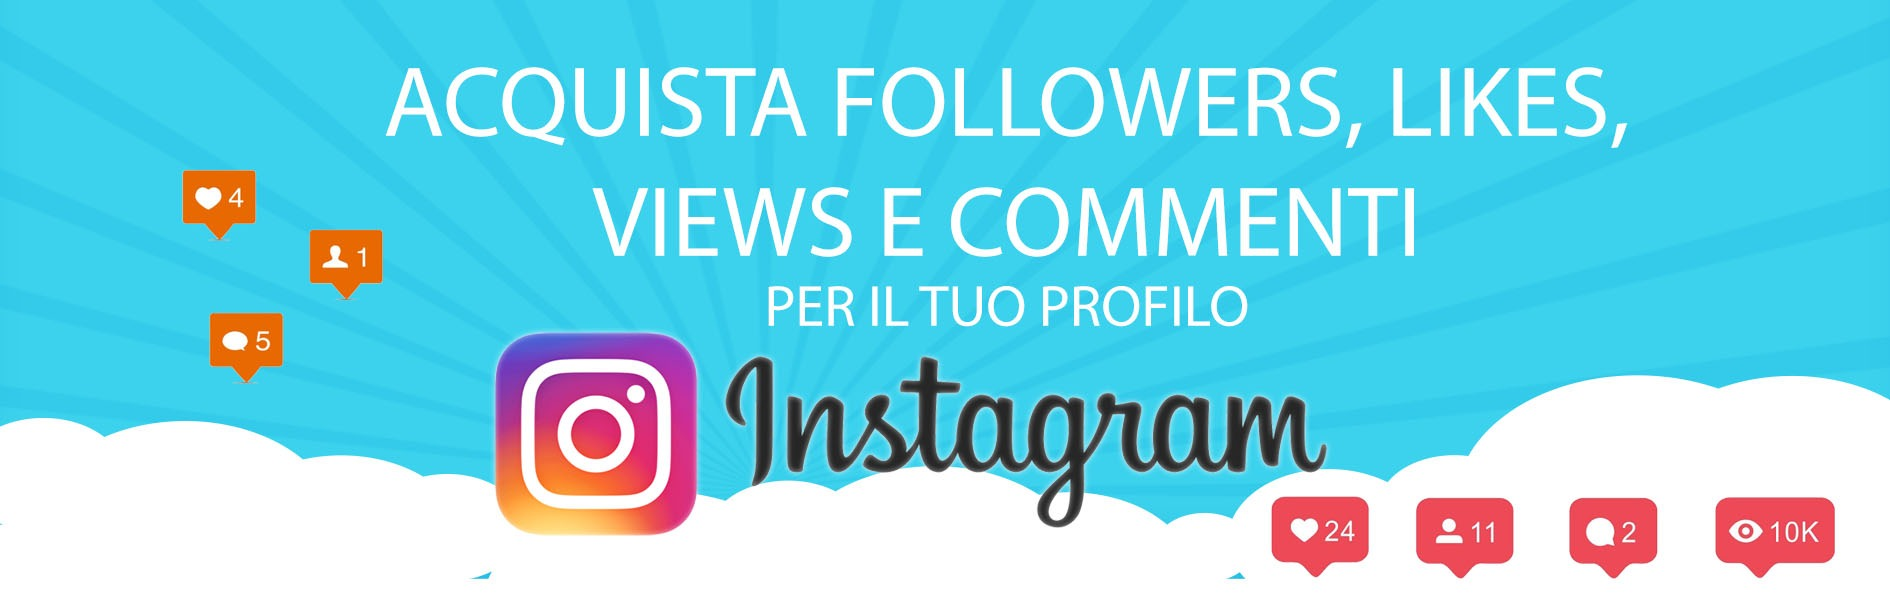 Comprare Follower Instagram Reali Stabili e Garantiti!